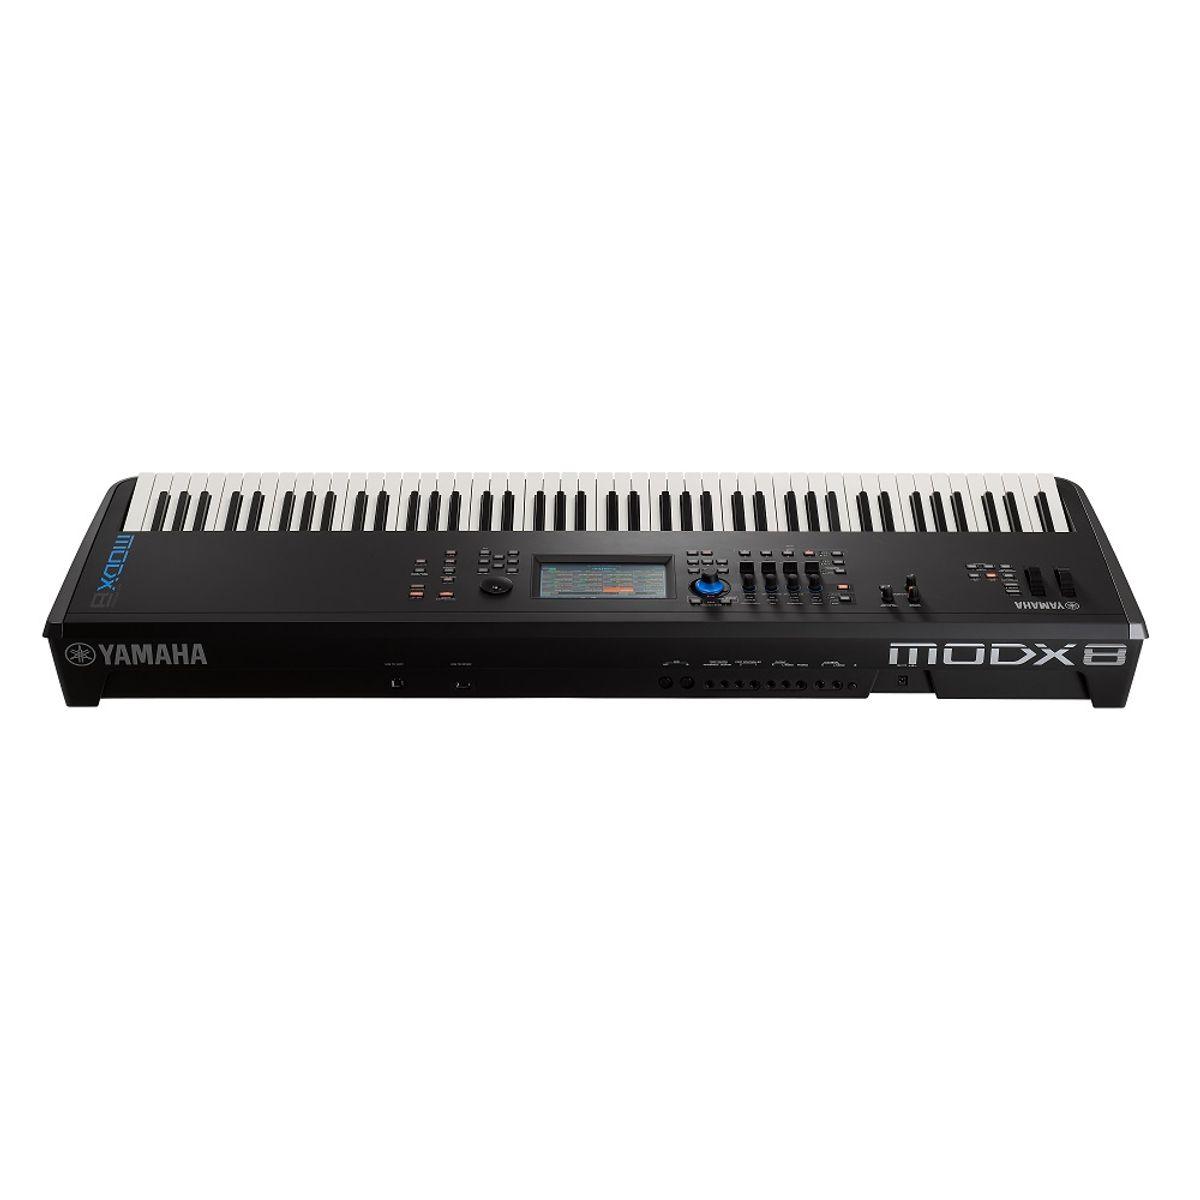 Sintetizador-76-Teclas-MODX-8---Yamaha-2